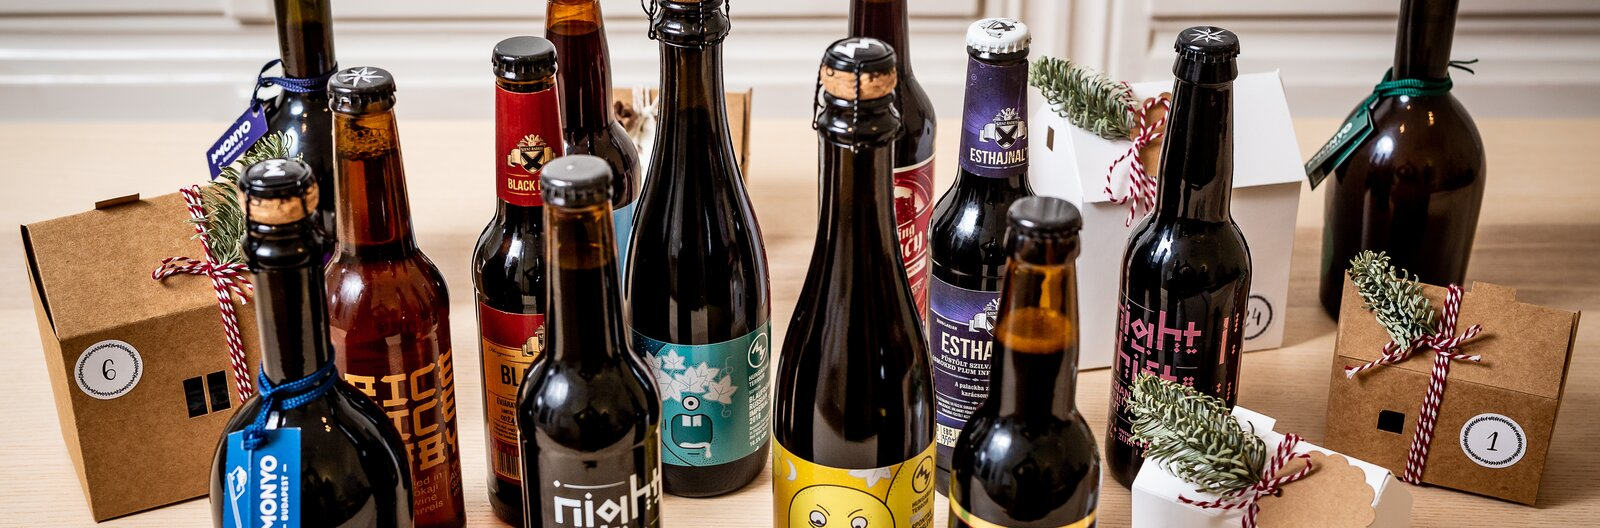 Ajándékötletek sörrajongóknak: kisüzemi sörök karácsonyra és a téli szezonra